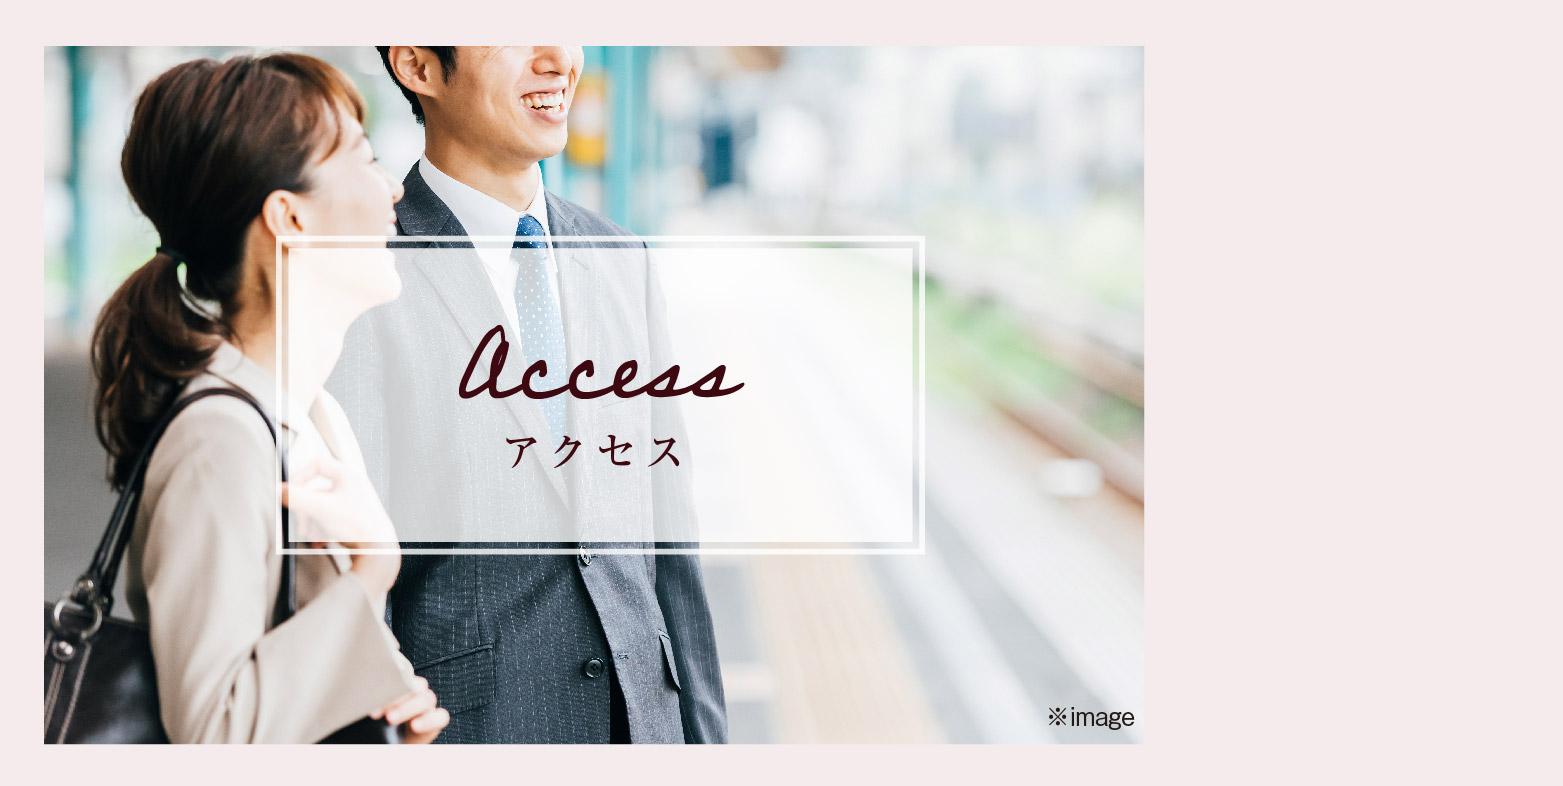 【プレミアムシーズン大東緑が丘Ⅱ】ACCESS